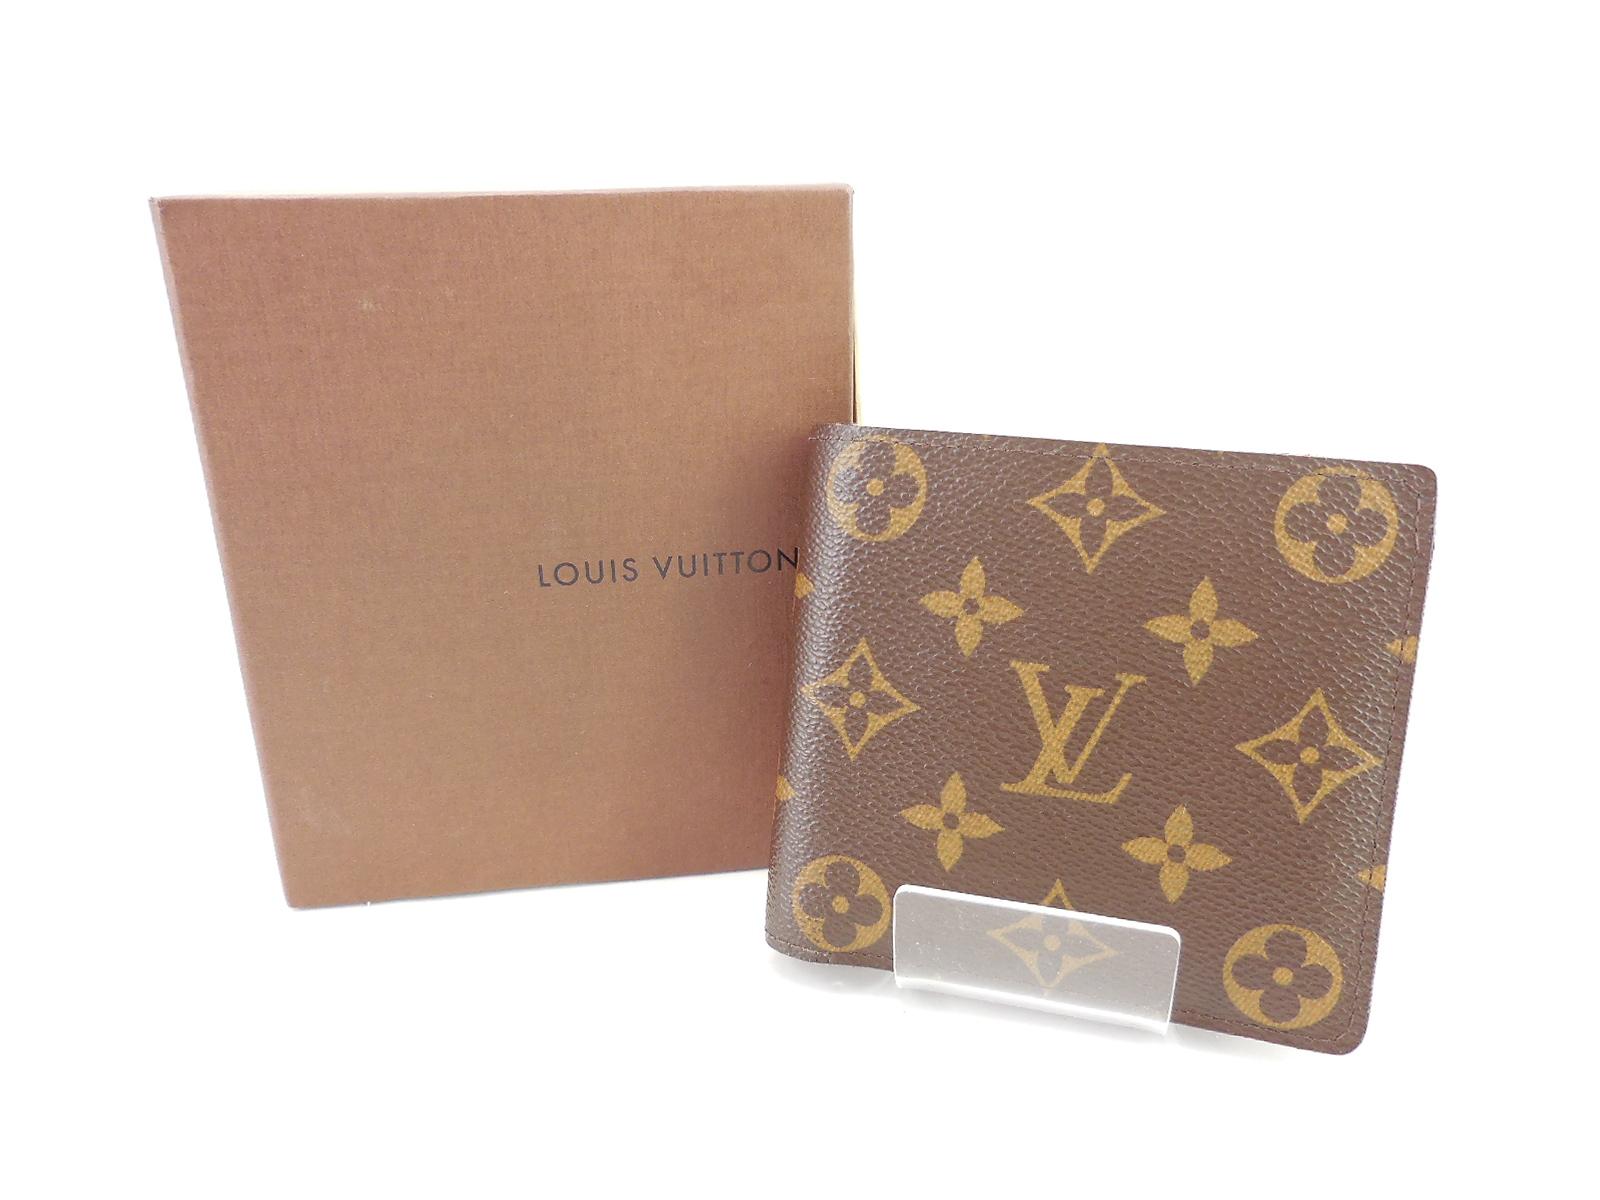 LOUIS VUITTON M62288 ポルトフォイユ・マルコ ルイ・ヴィトン モノグラム 2つ折り 財布 ウォレット JSB鑑定済み